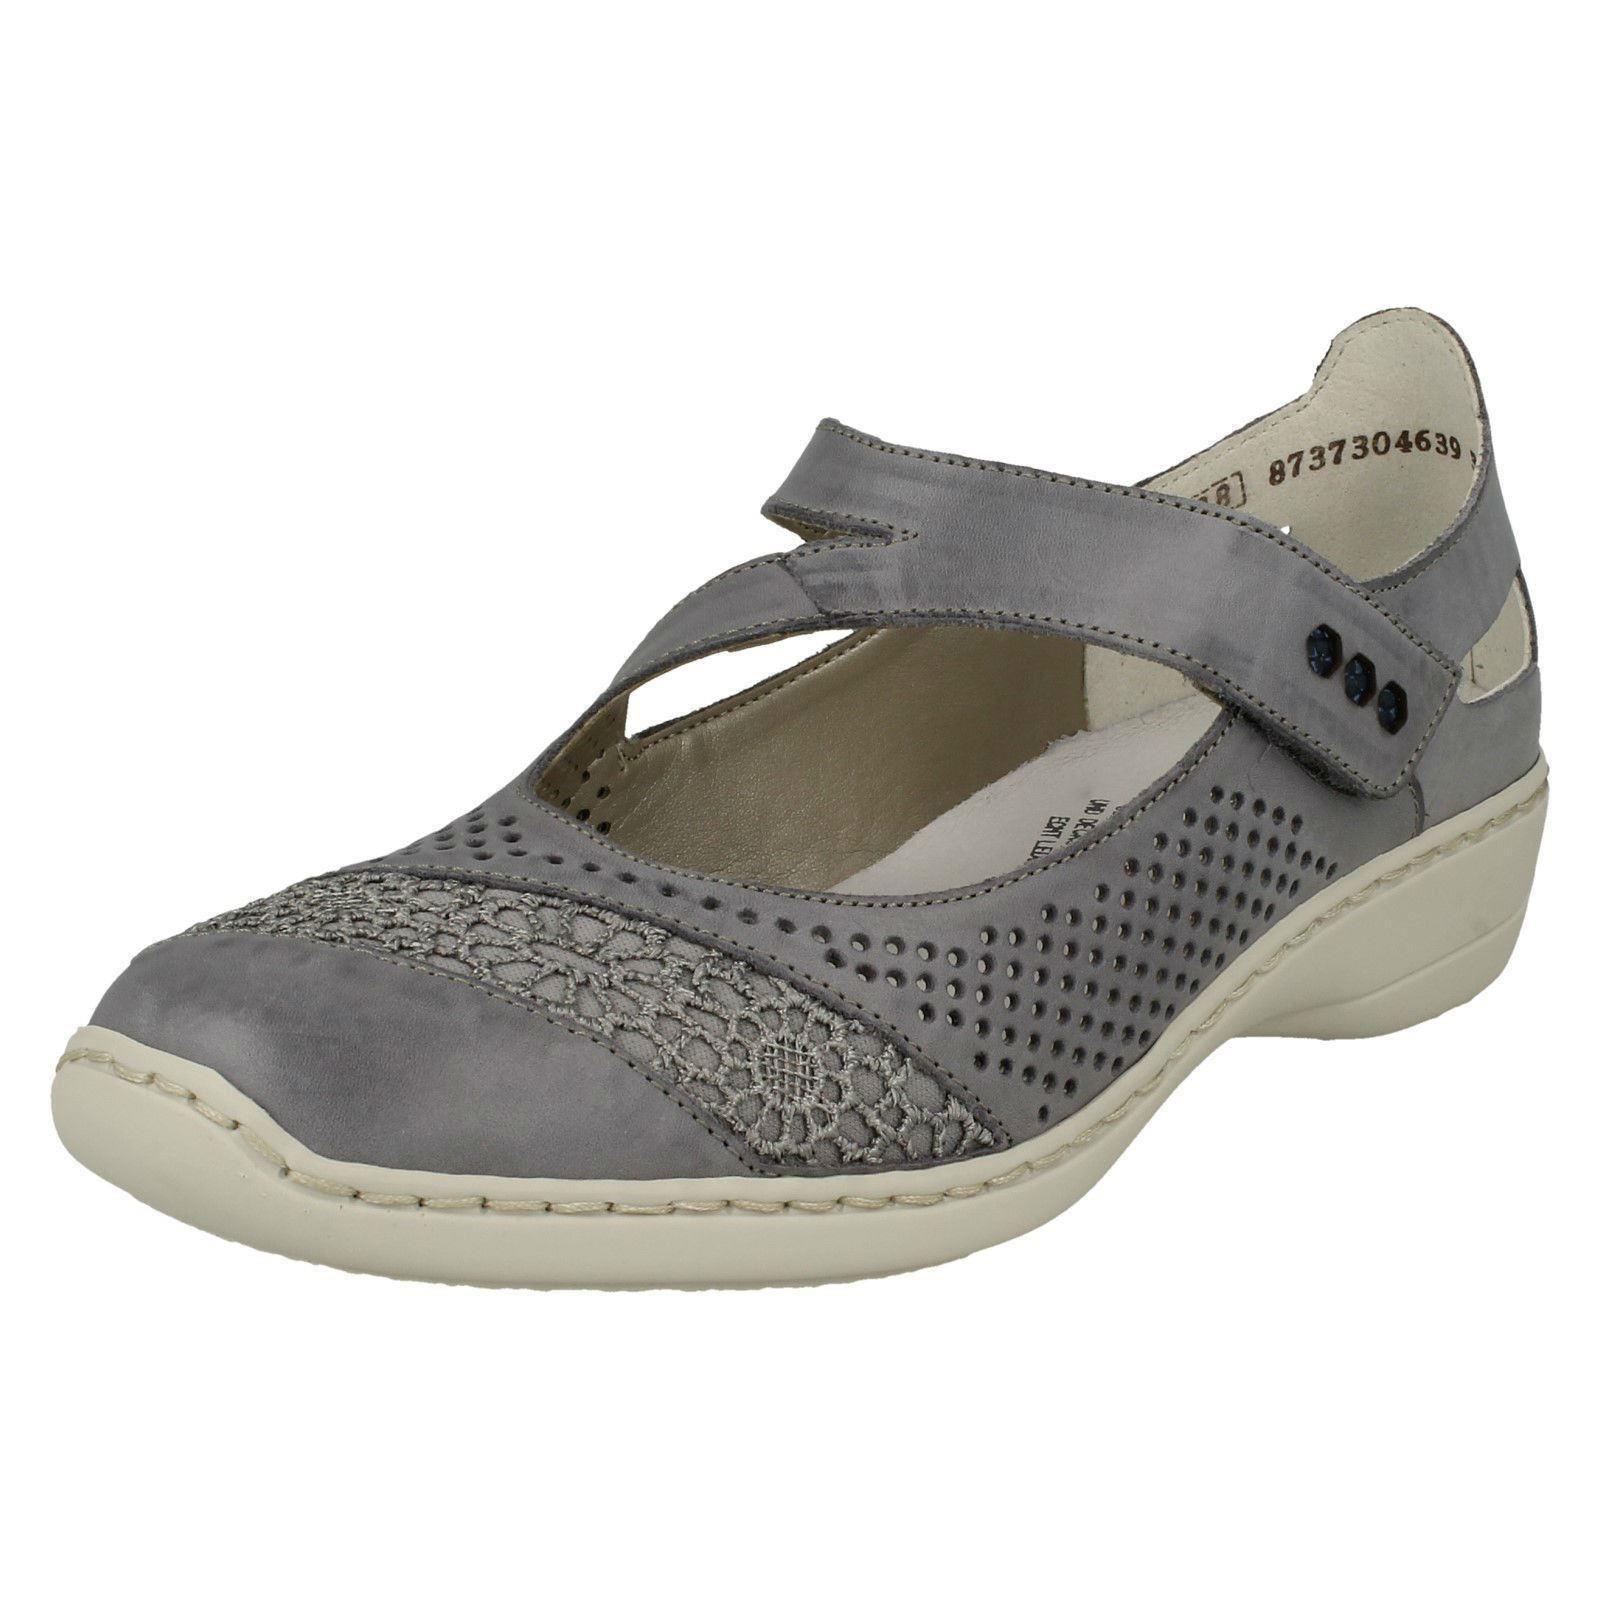 Damas Zapatos Rieker Informal Zapatos Damas Etiqueta 41-346 413bad